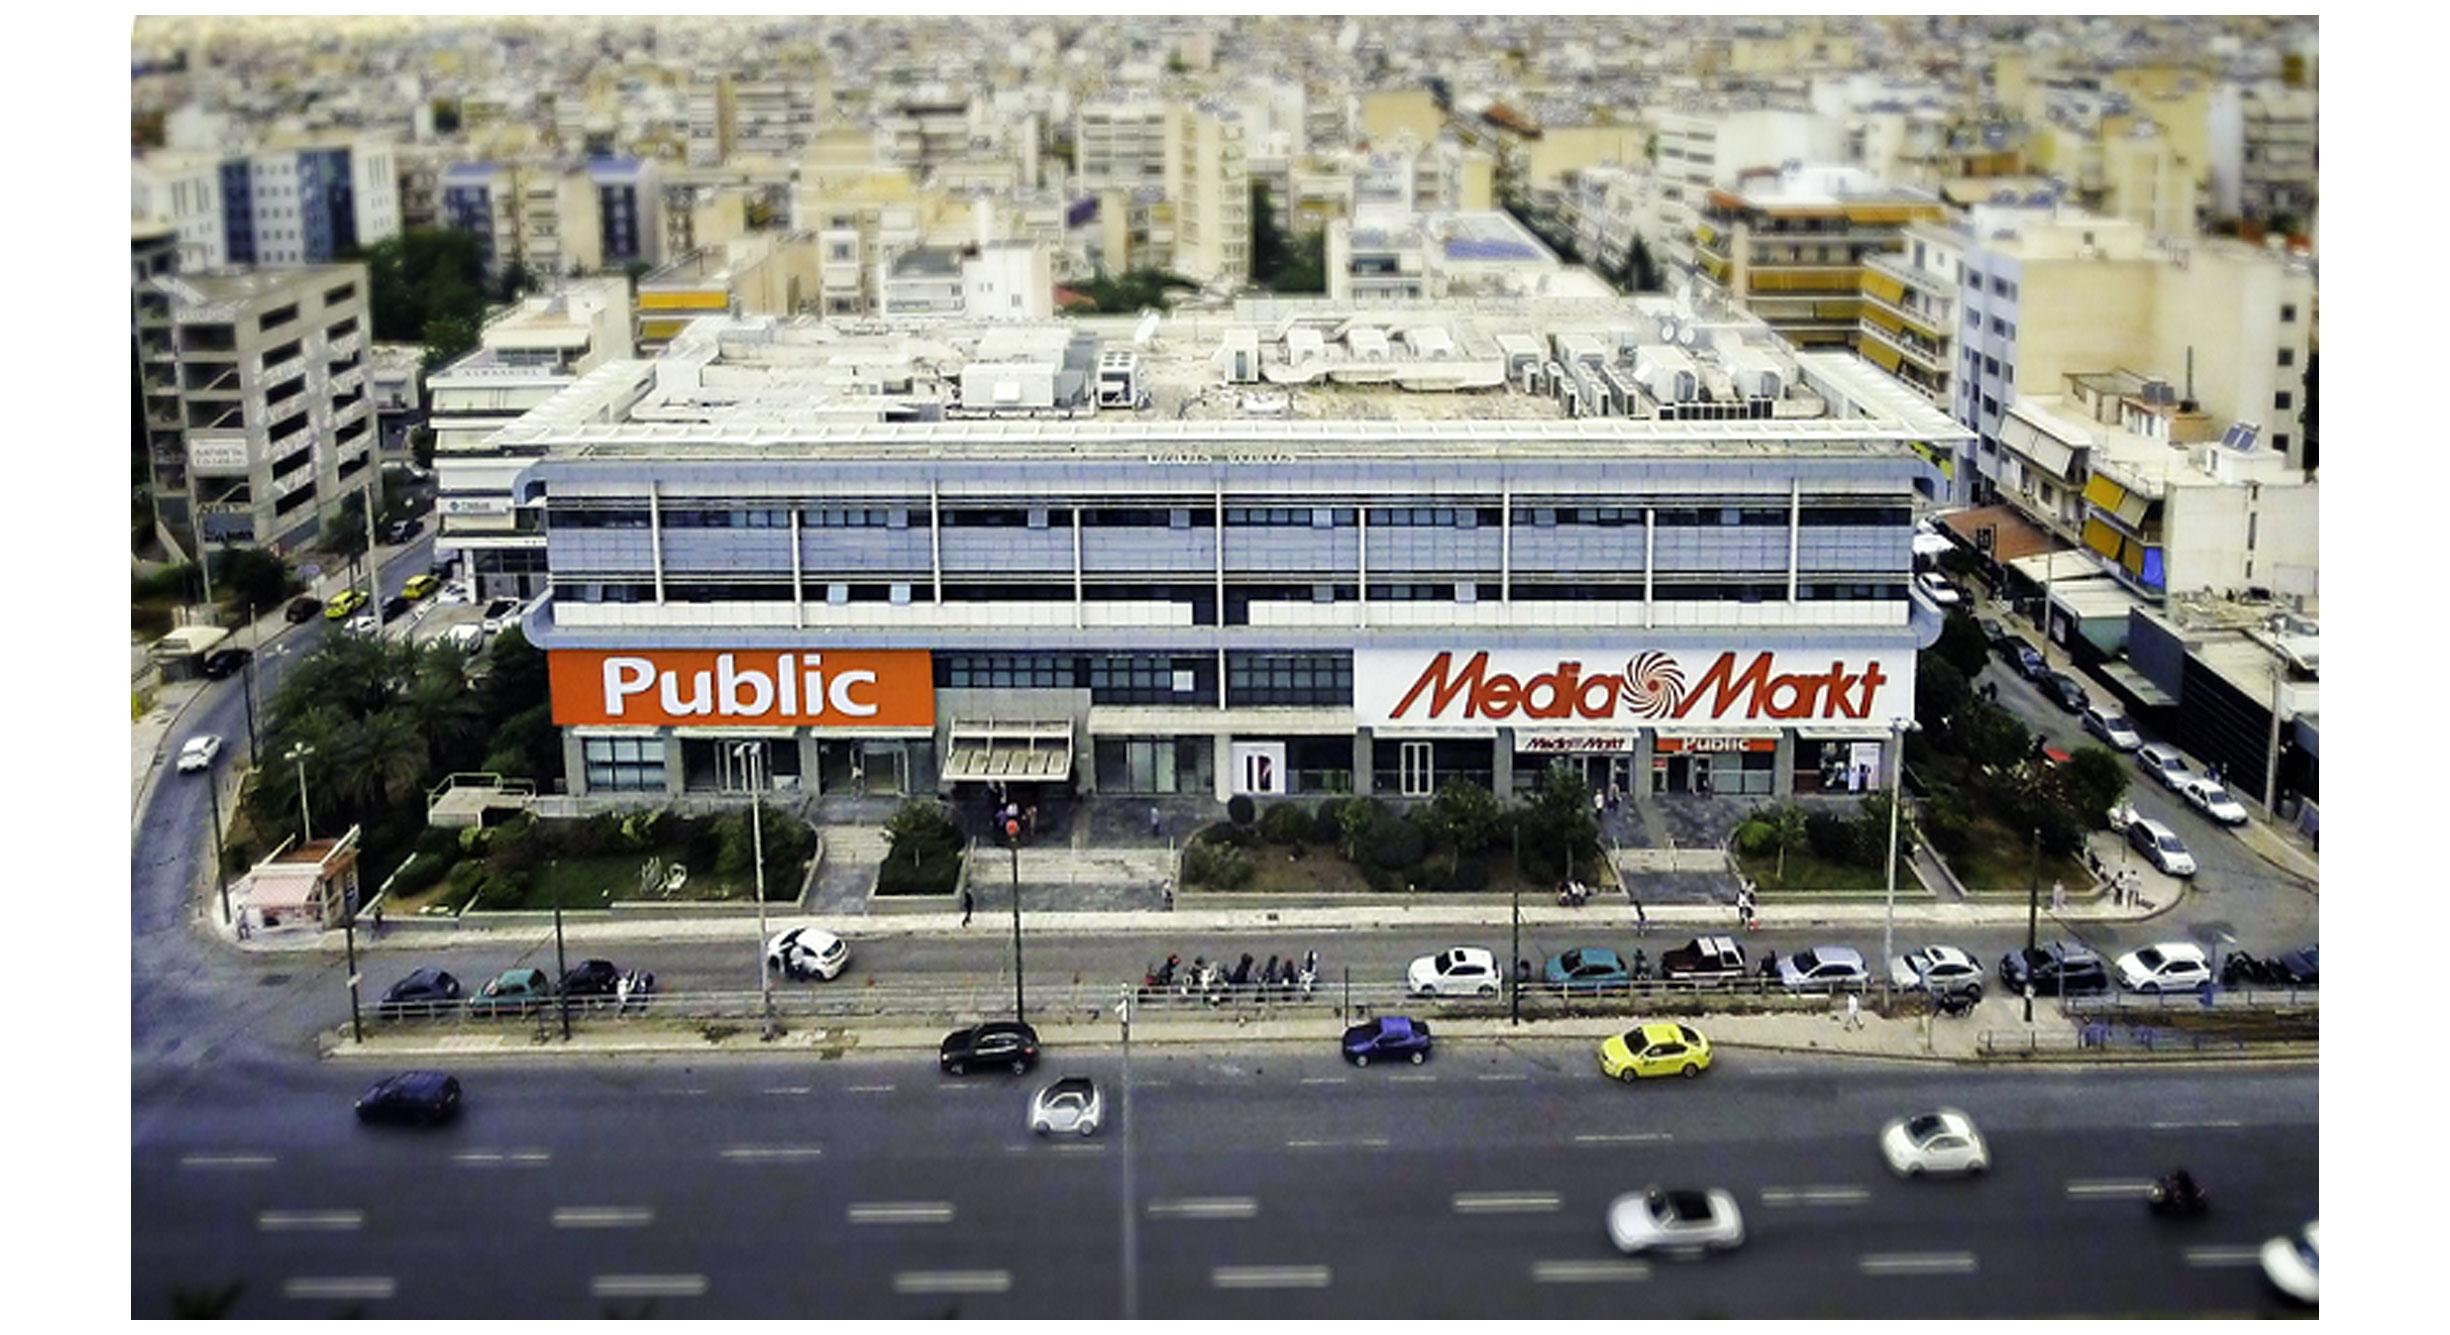 Από την Amazon ο νέος πρόεδρος της Public – MediaMarkt